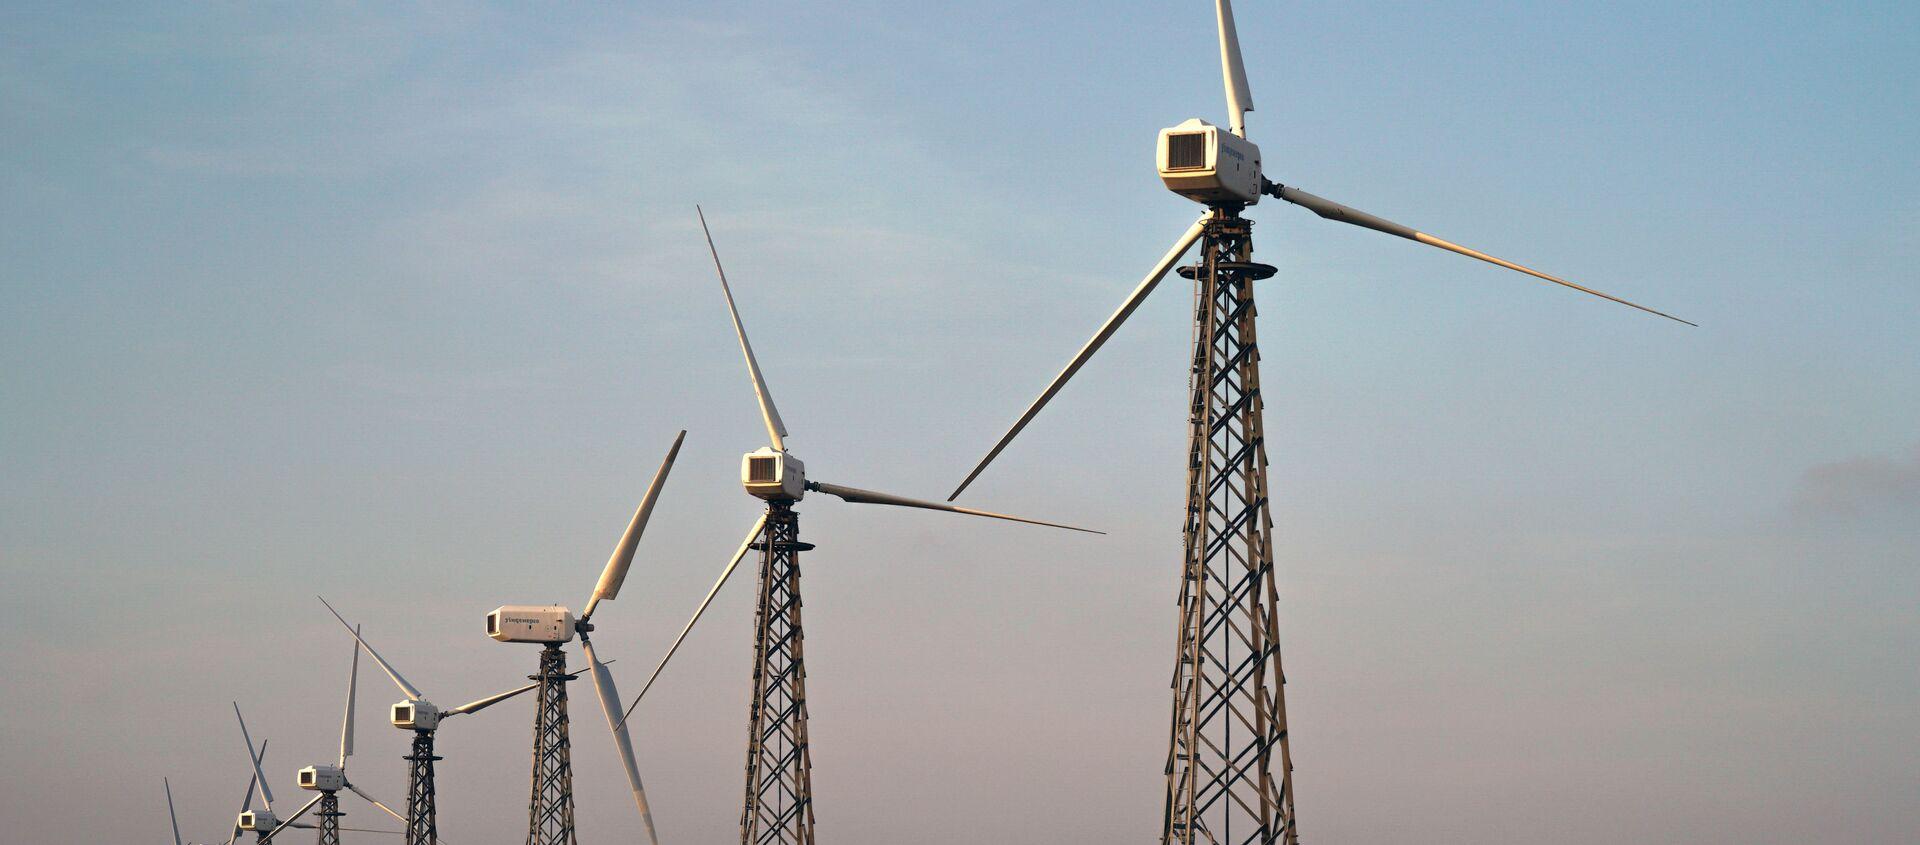 Ветряные электростанции - Sputnik Узбекистан, 1920, 09.06.2020